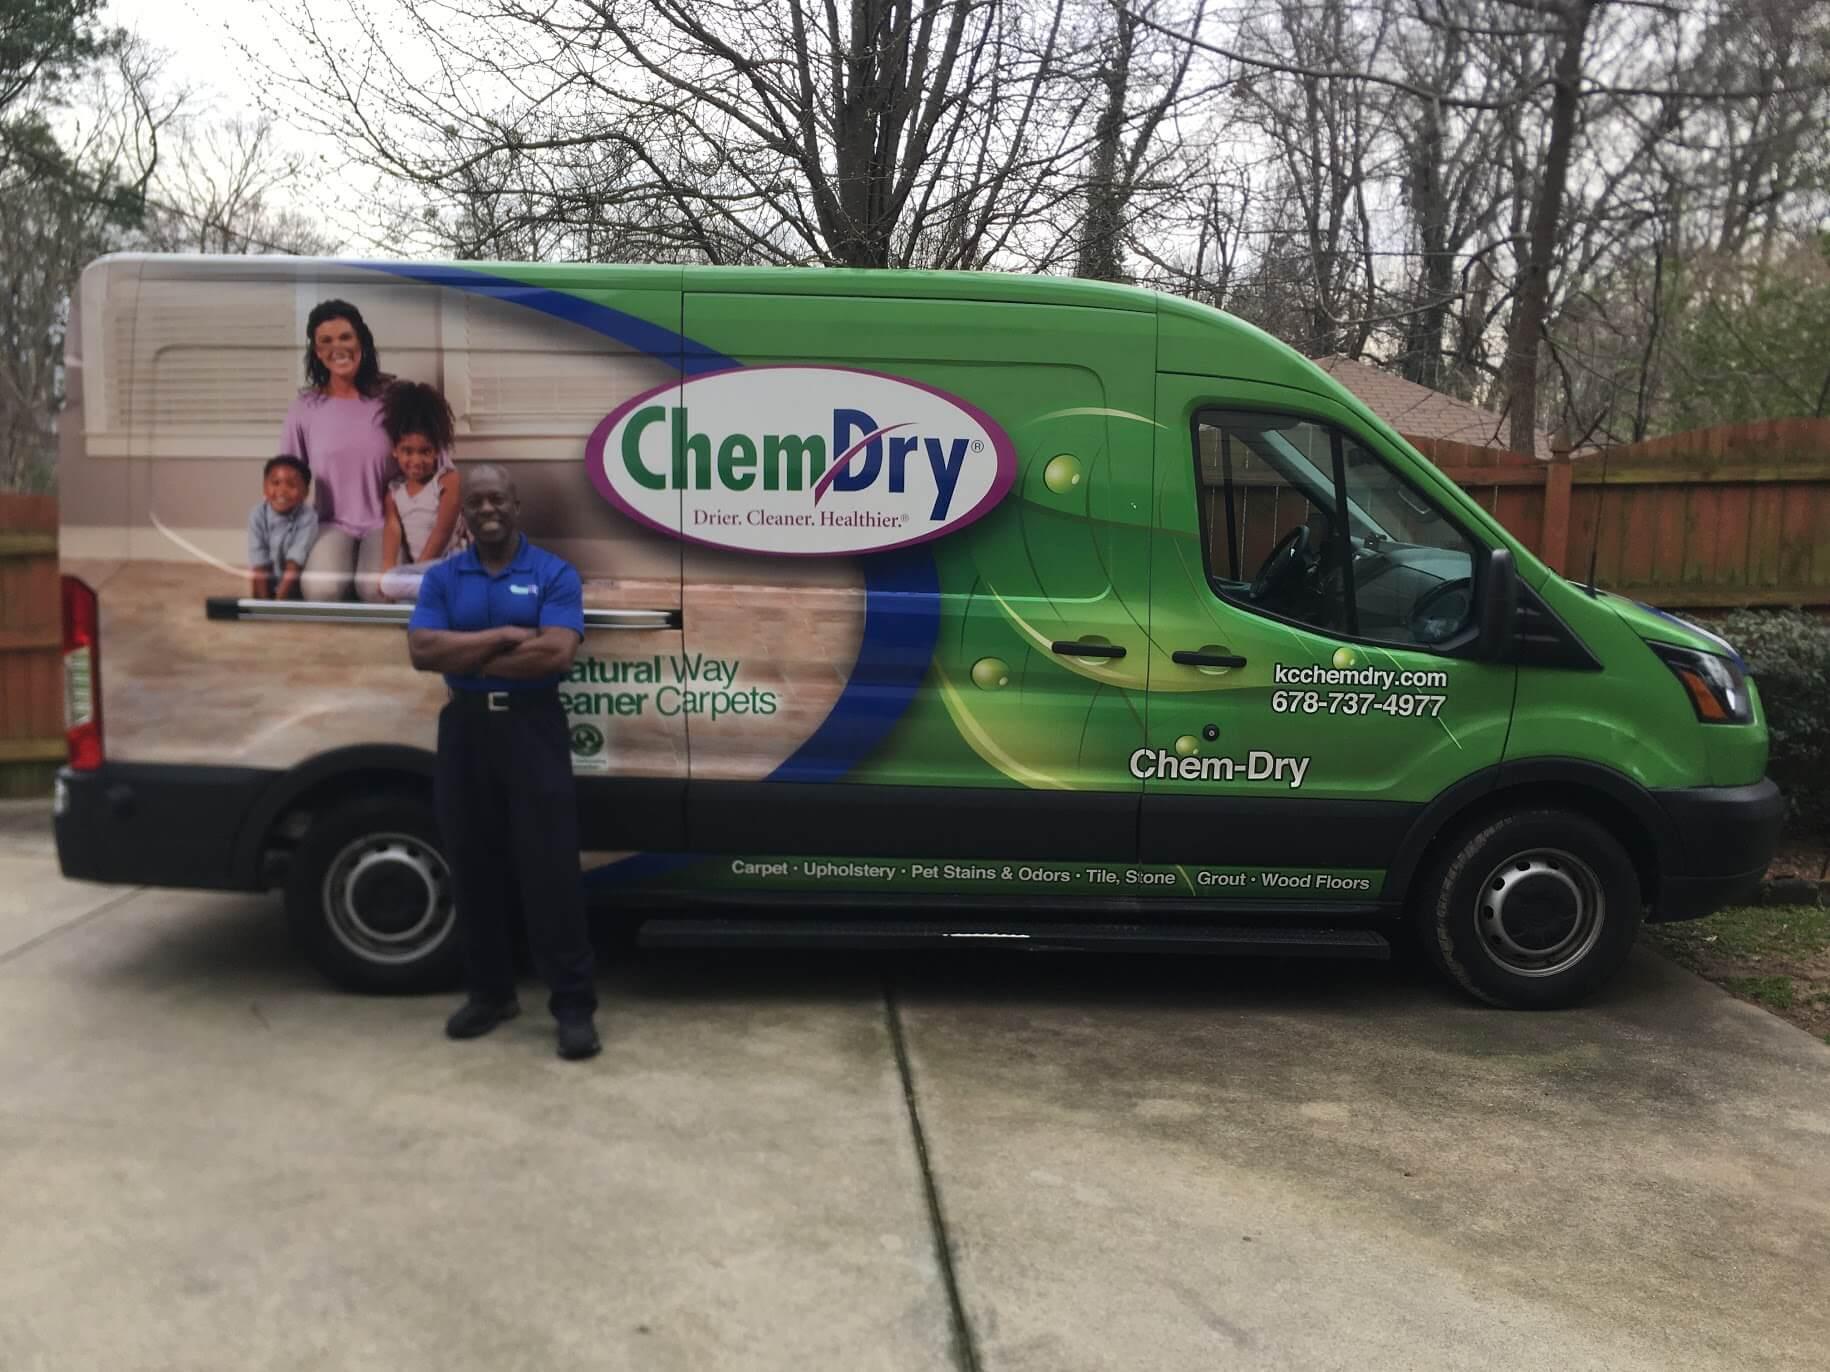 Ivan in front of green K&C Chem-Dry van